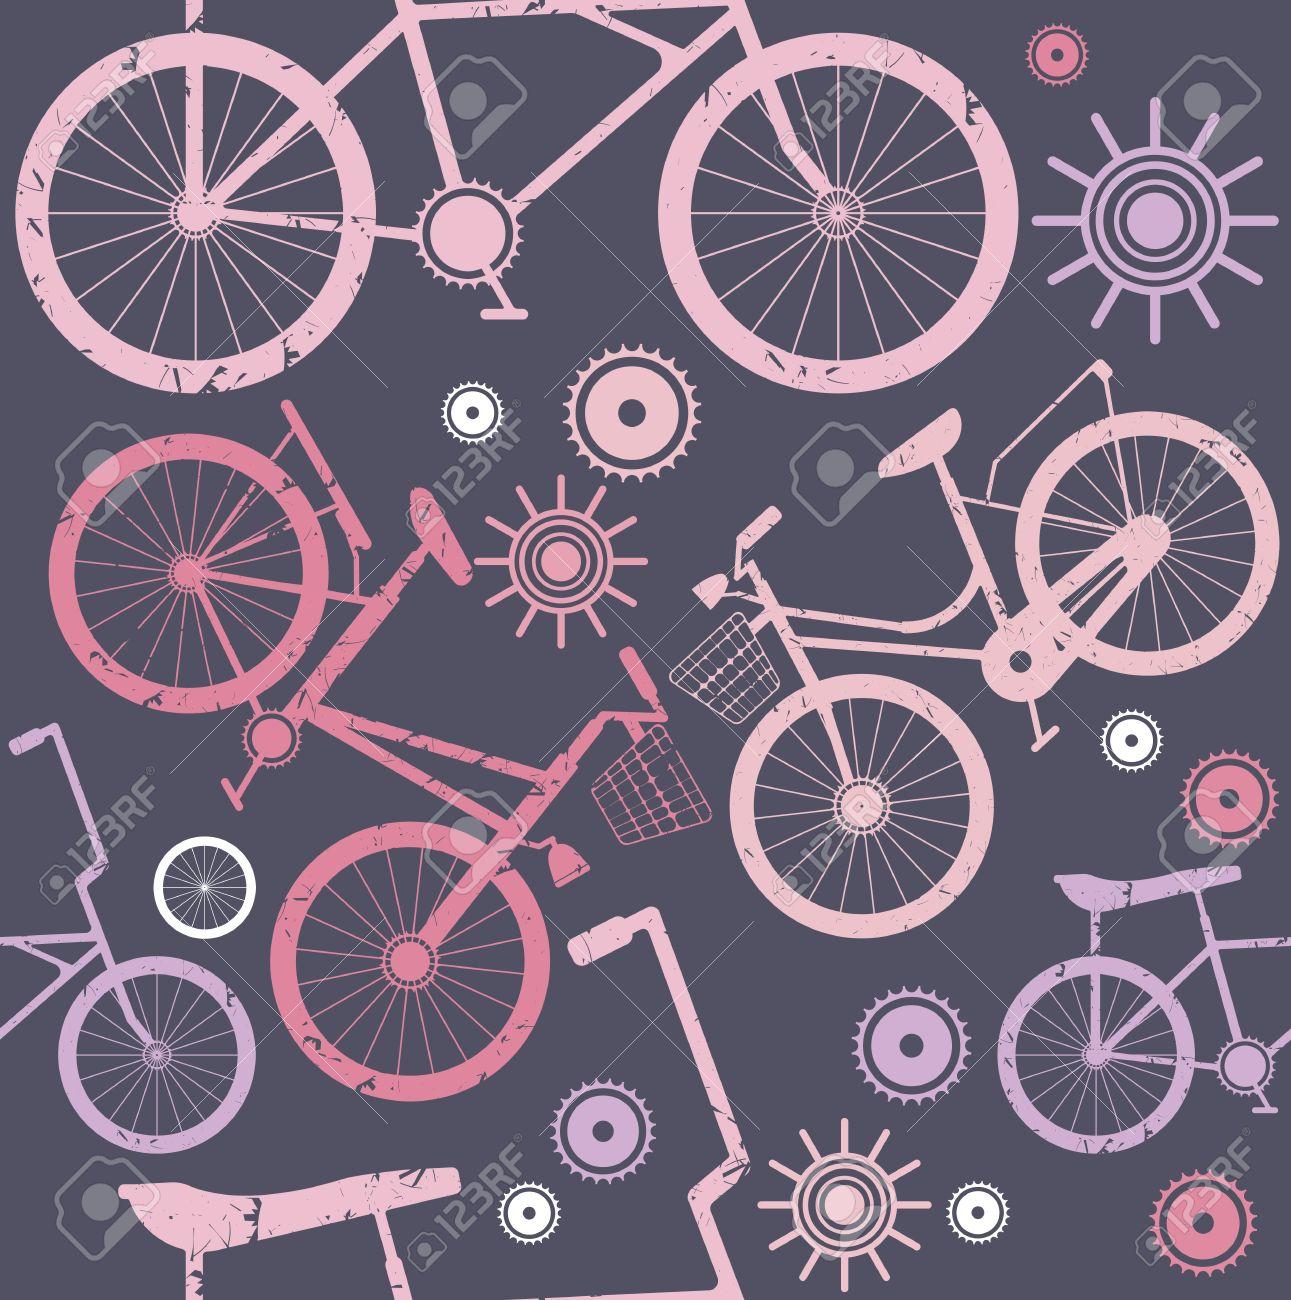 Fondos en bicicletas